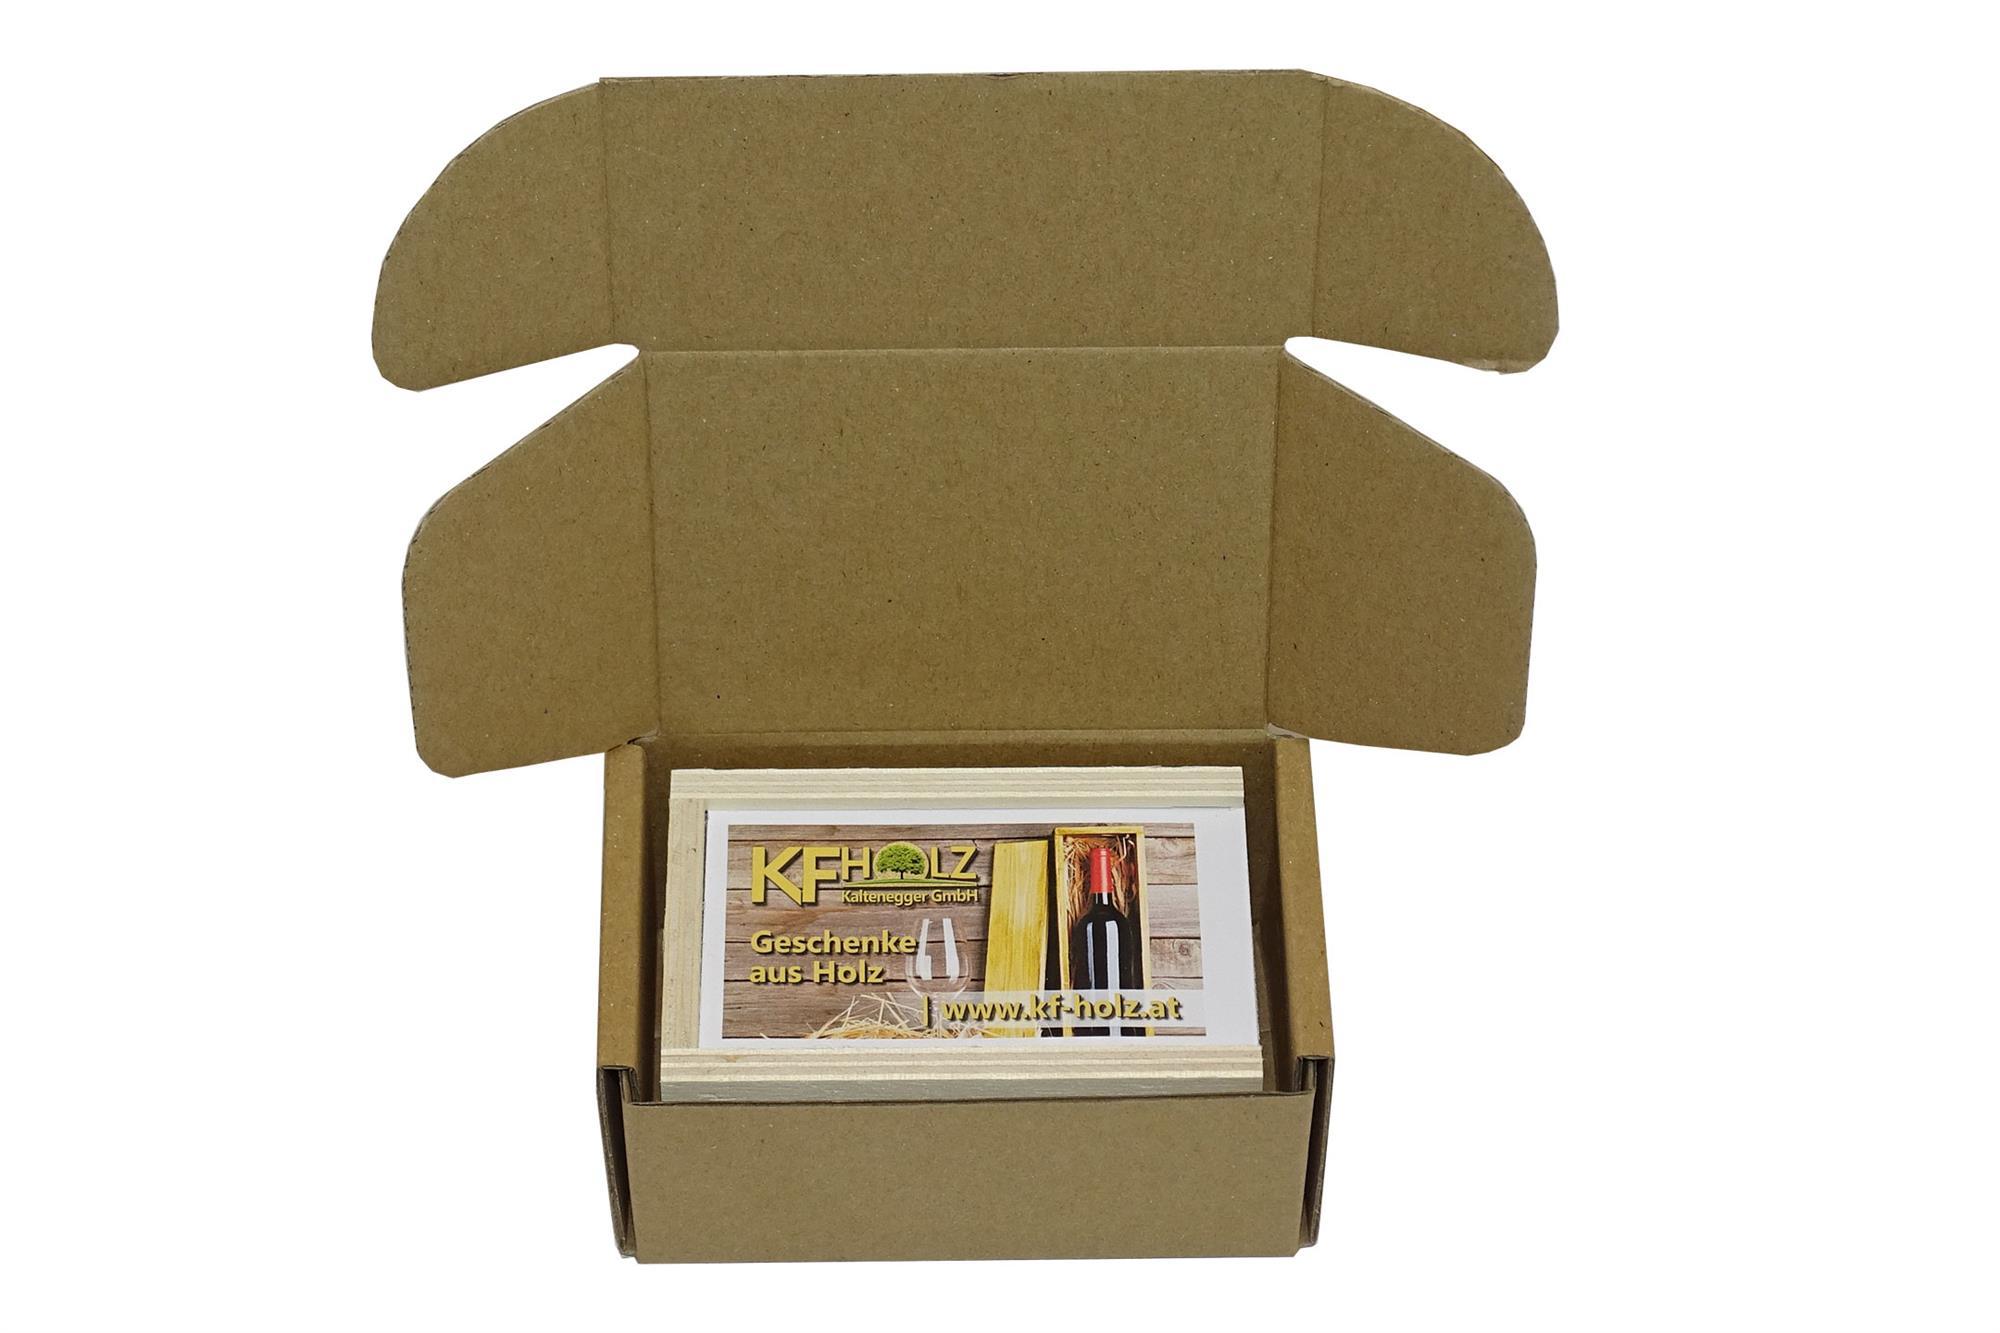 Verpackung Zu Unserer Koboxx Koboxx Die Befüllbare